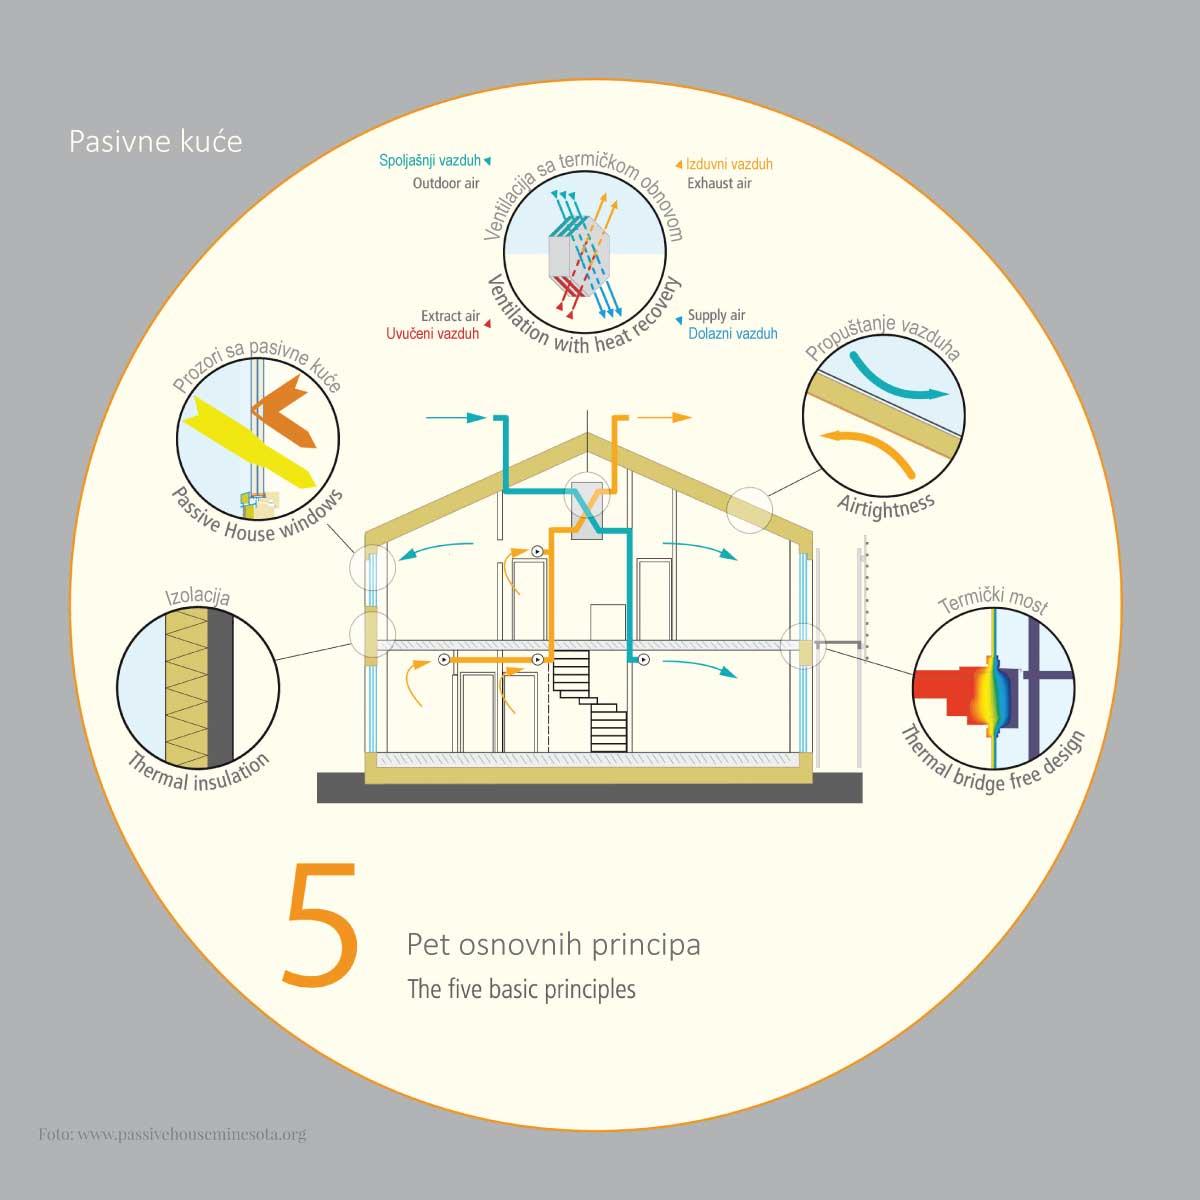 Osnovni principi gradnje pasivne kuće